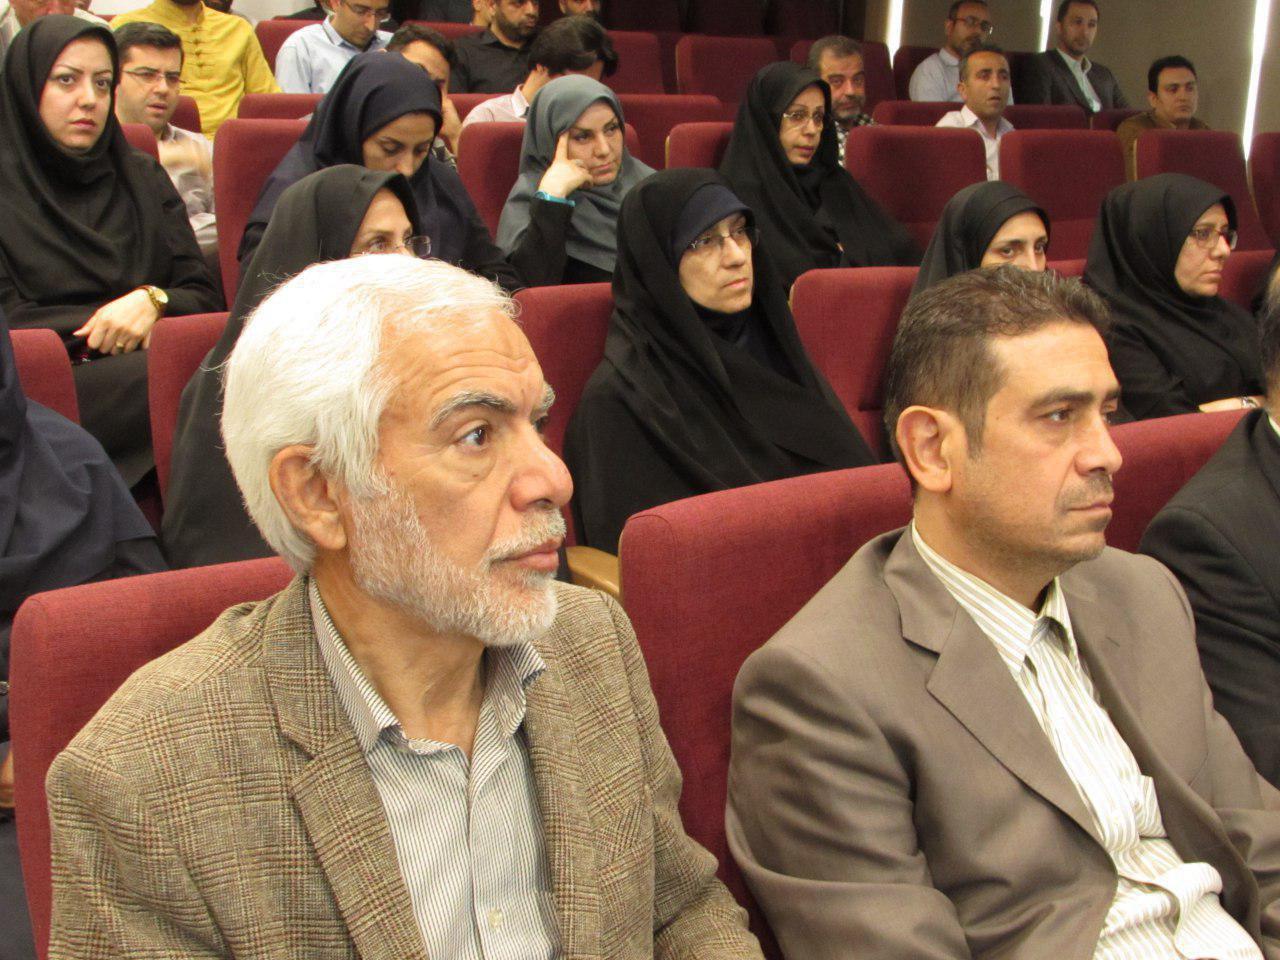 مریضی دختر شهید نیاکی مانع حضور او در عملیات نشد